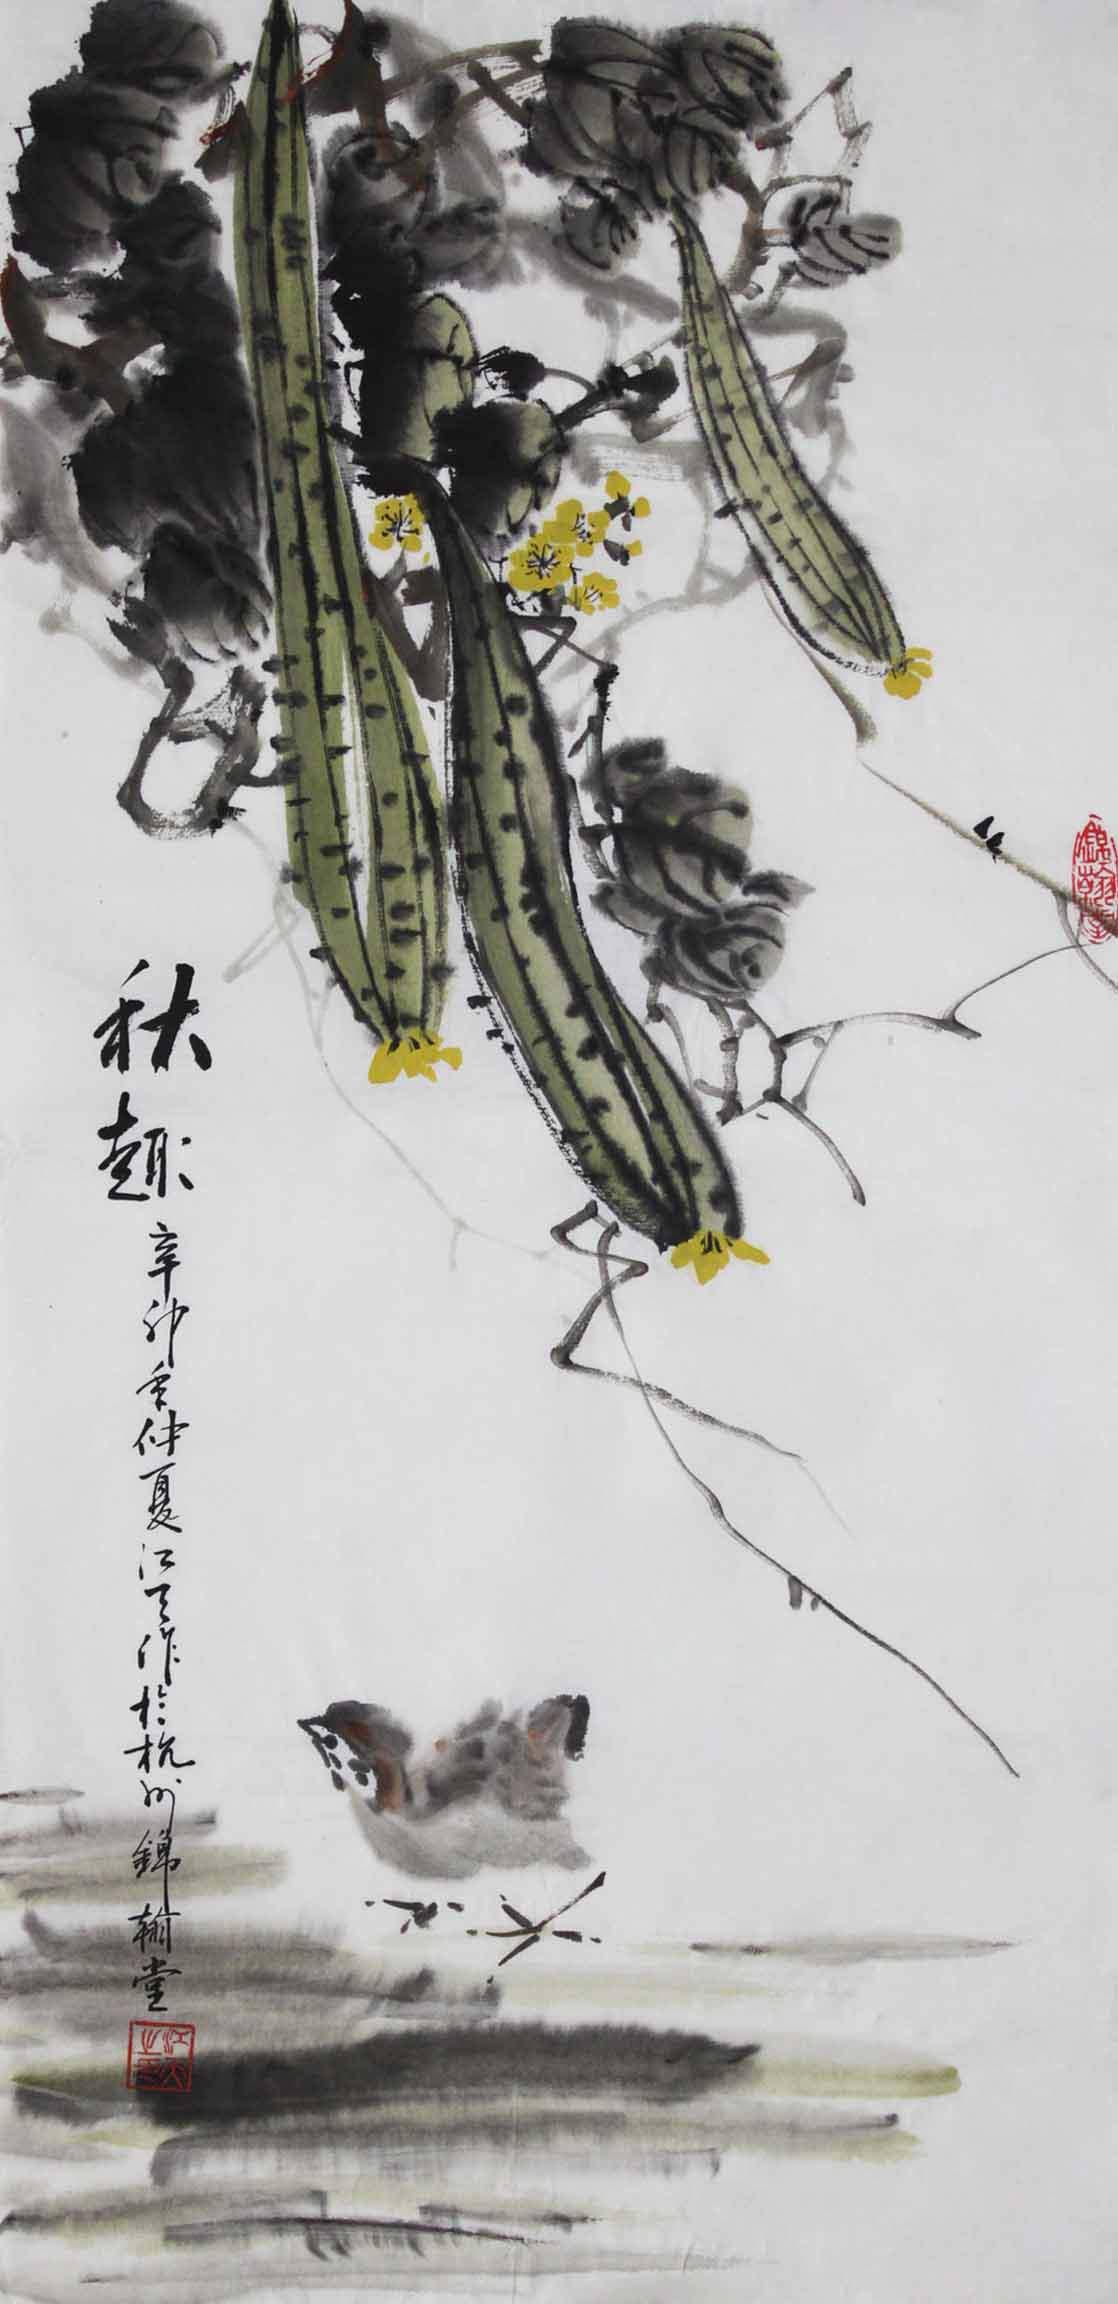 锦翰堂无框独立植物花卉国画